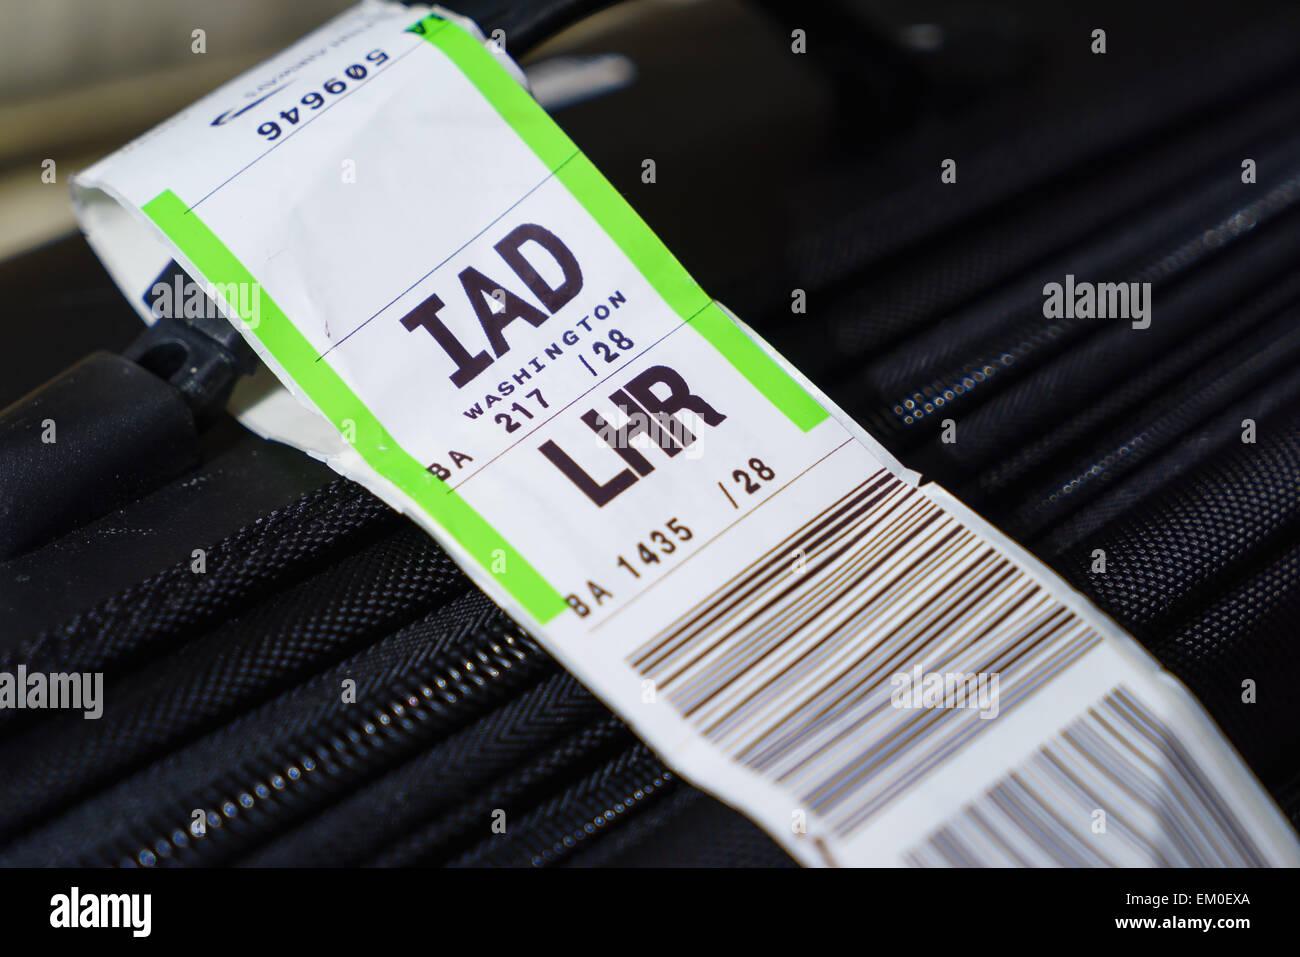 Ein Koffer mit einer Fluggesellschaft Barcode Gepäckanhänger von London-Heathrow (LHR) zu Washington Dulles Stockbild